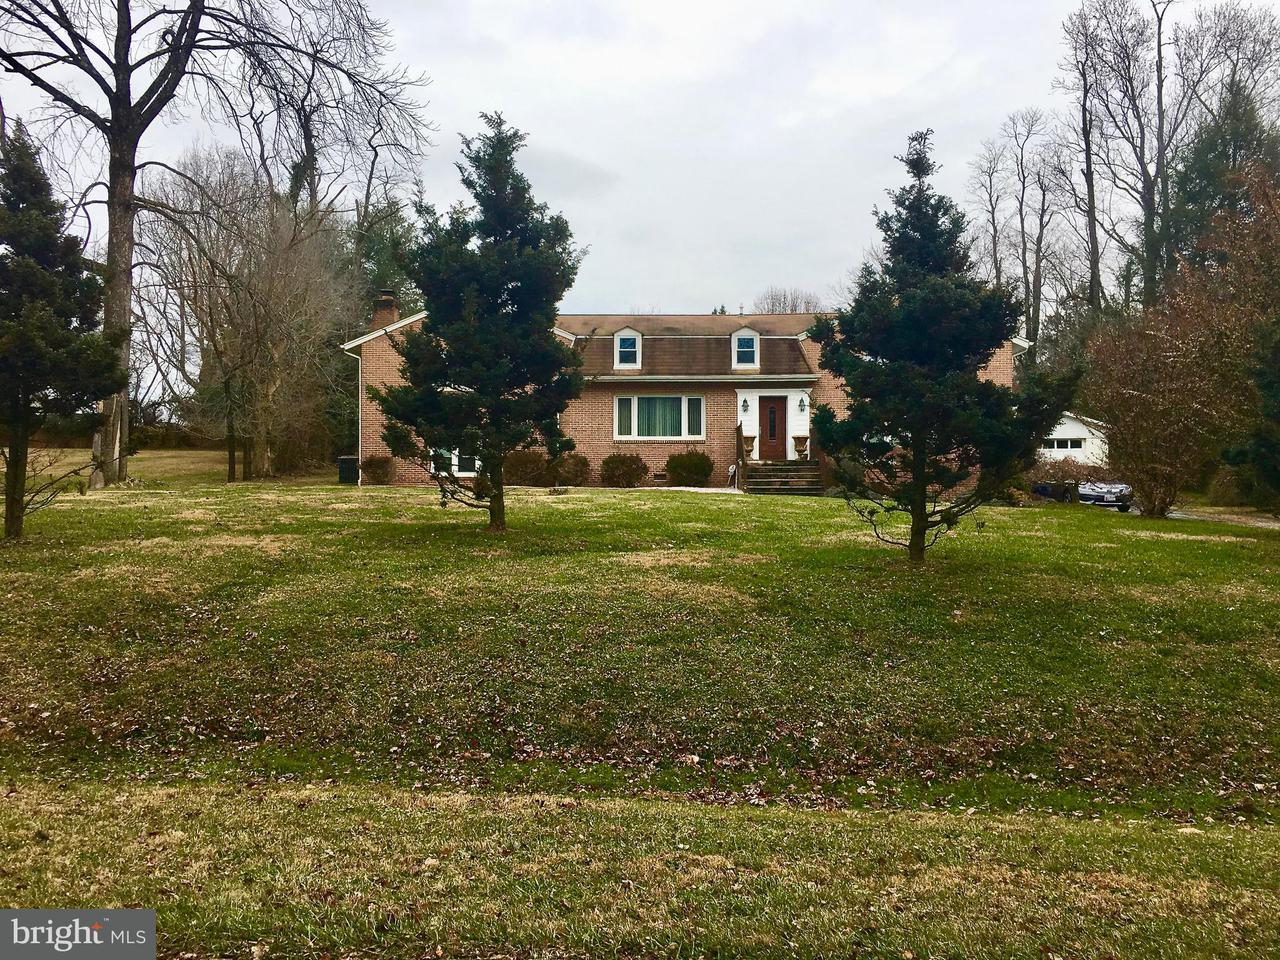 Maison unifamiliale pour l Vente à 10409 Holbrook Drive 10409 Holbrook Drive Rockville, Maryland 20854 États-Unis